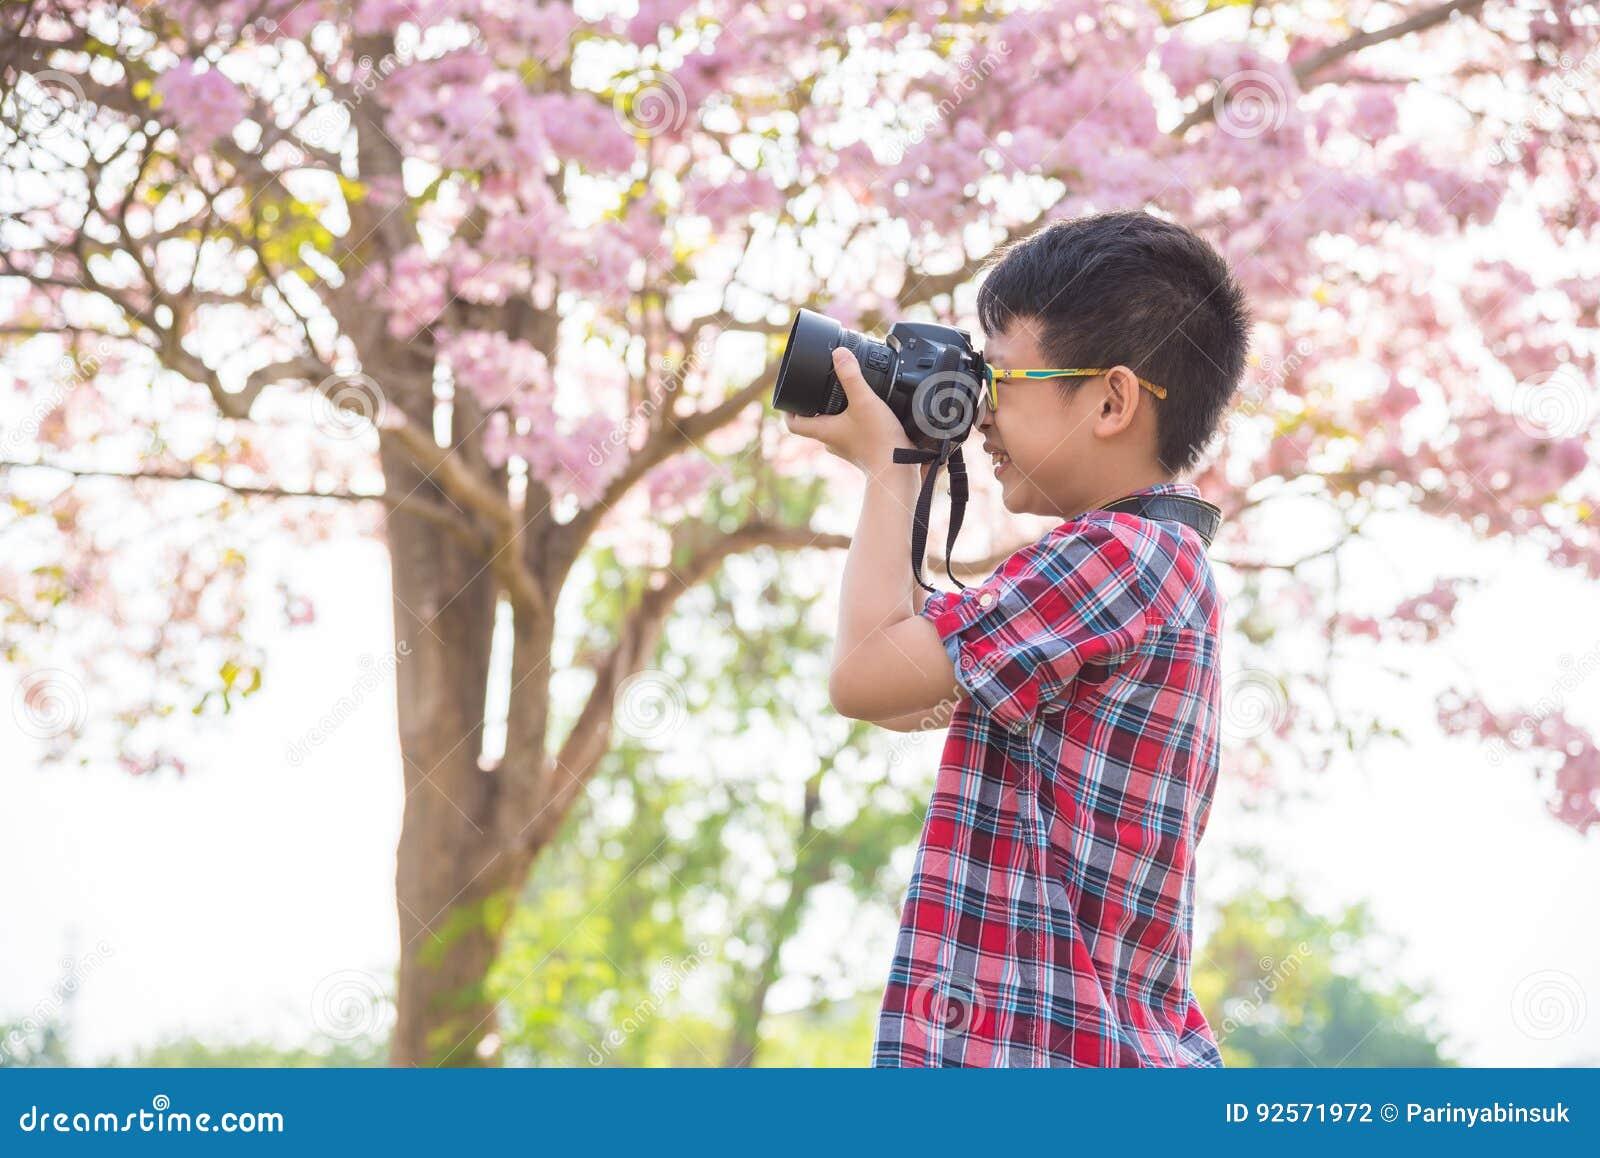 Młoda chłopiec bierze fotografię kamerą w parku